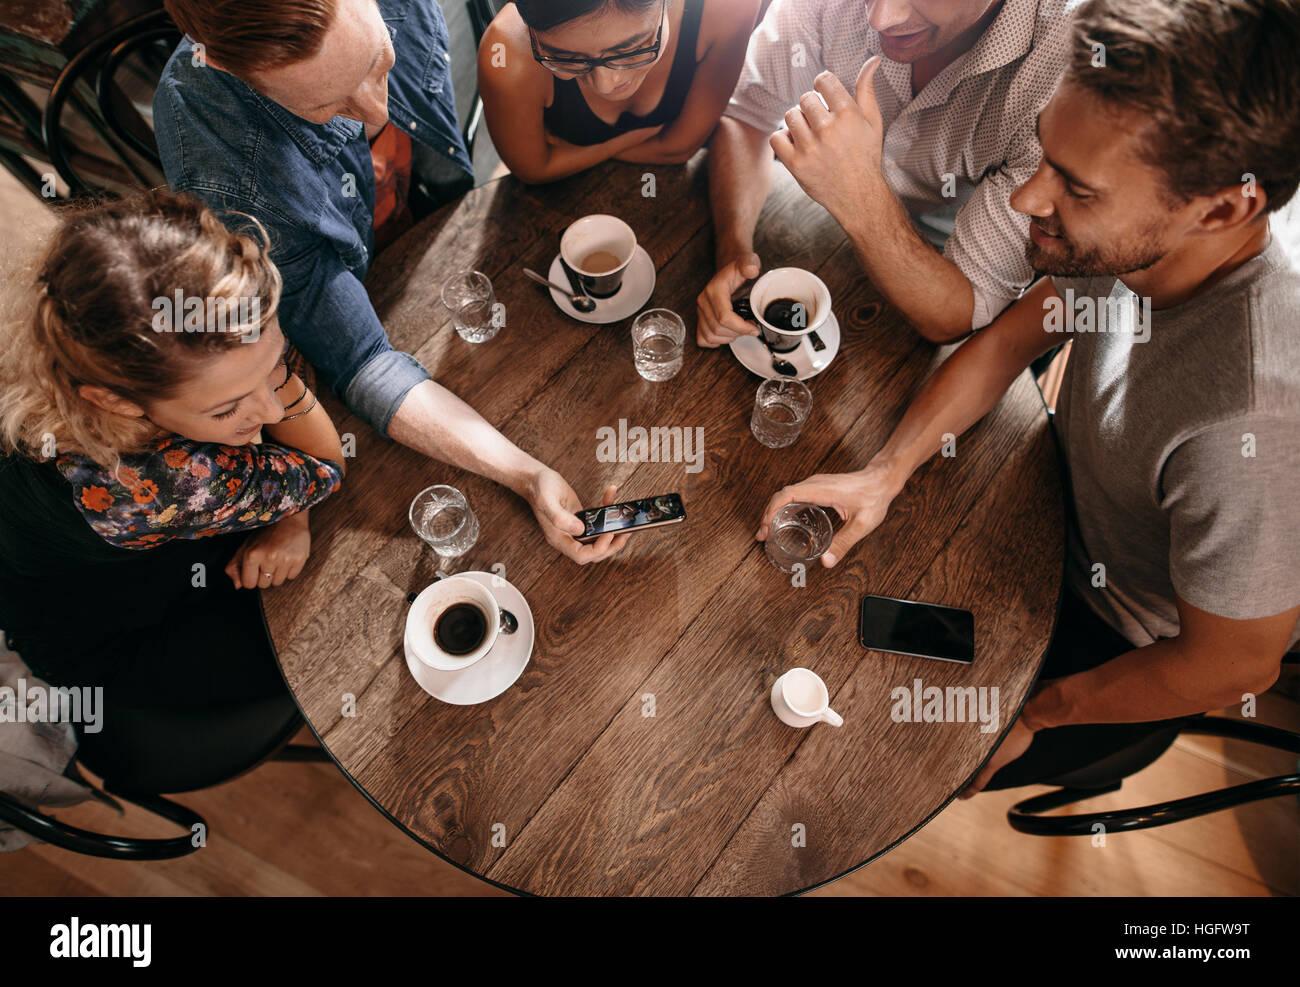 Grupo de amigos en el café y mirando al teléfono inteligente. Hombre mostrando algo a sus amigos sentado. Imagen De Stock